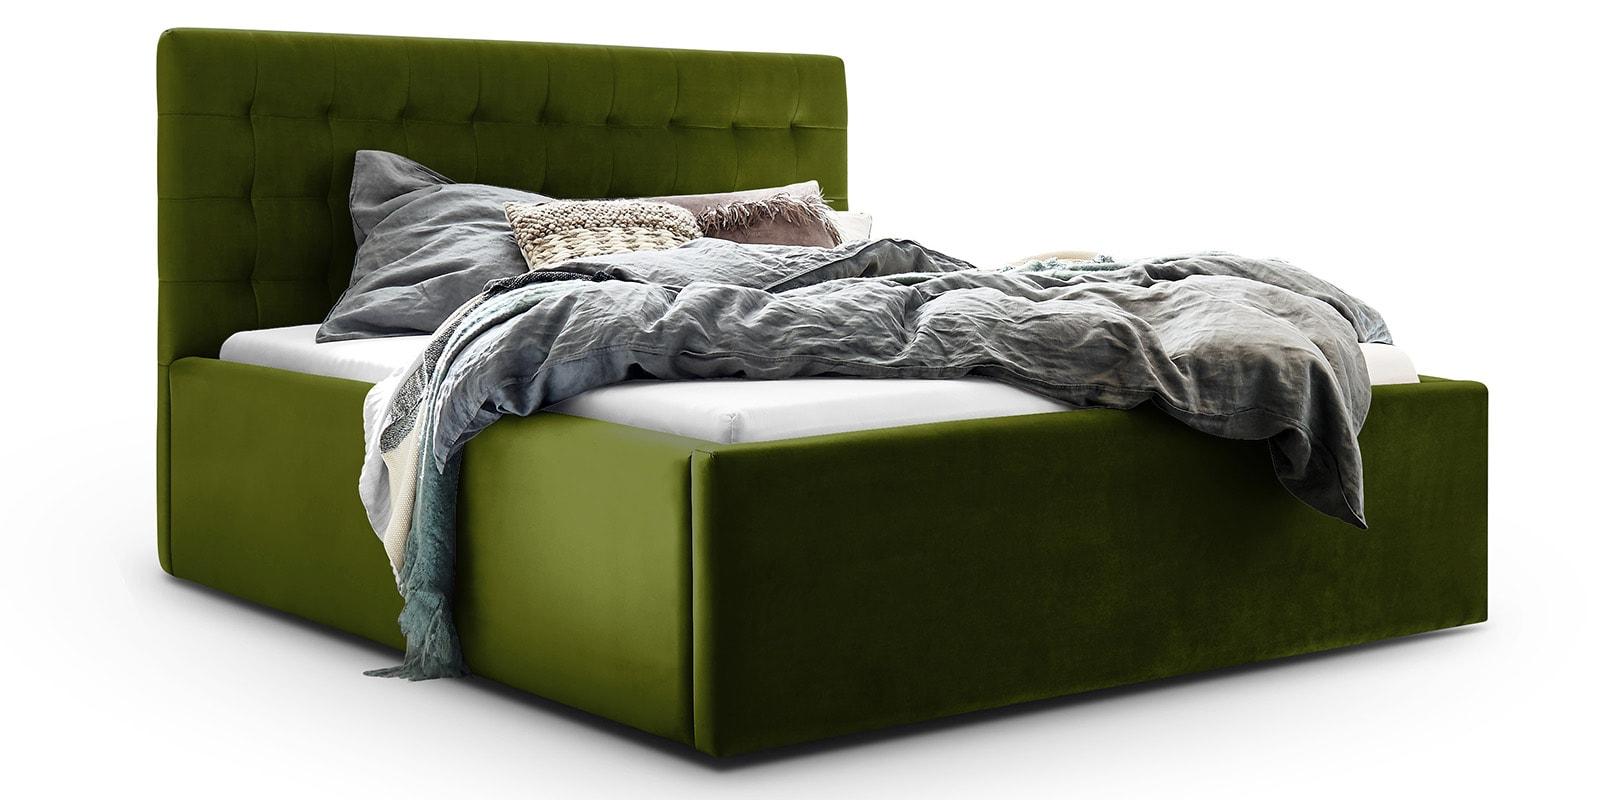 Moebella24 - Bett - mit - Bettkasten - Molly - Samt - Oliv - Stauraum - Bettkasten - und - Lattenrost - vormontiert - verstärkte - Dämpfer - Detailaufnahme - Von - vorne - links